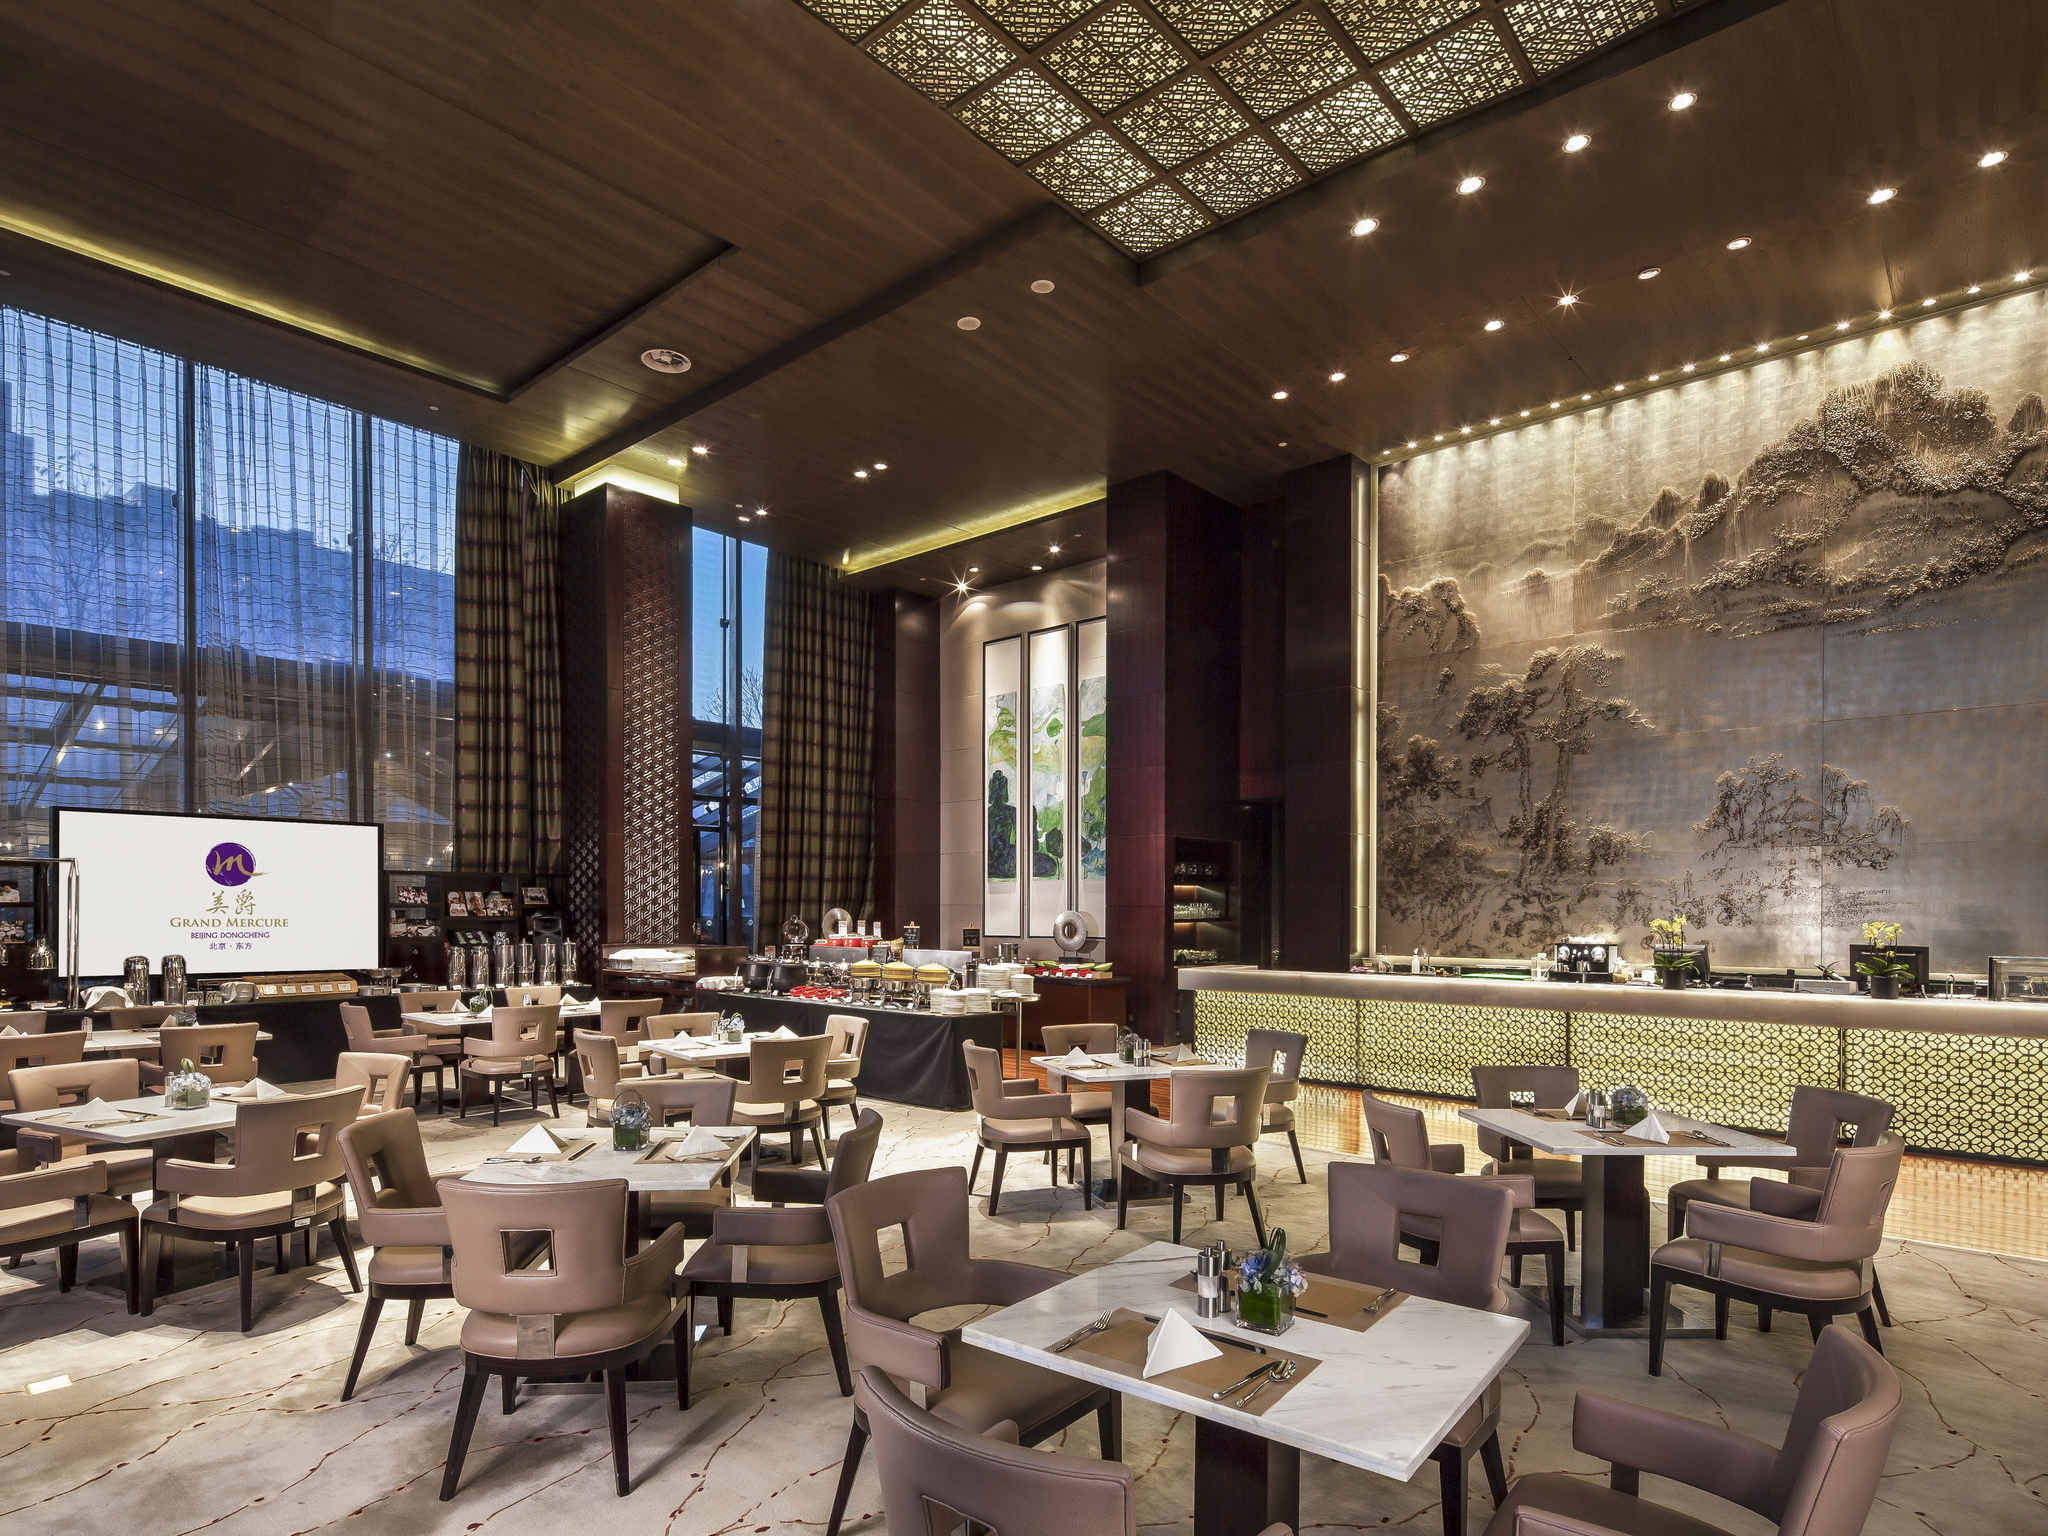 โรงแรม – แกรนด์ เมอร์เคียว ปักกิ่ง ตงเฉิง